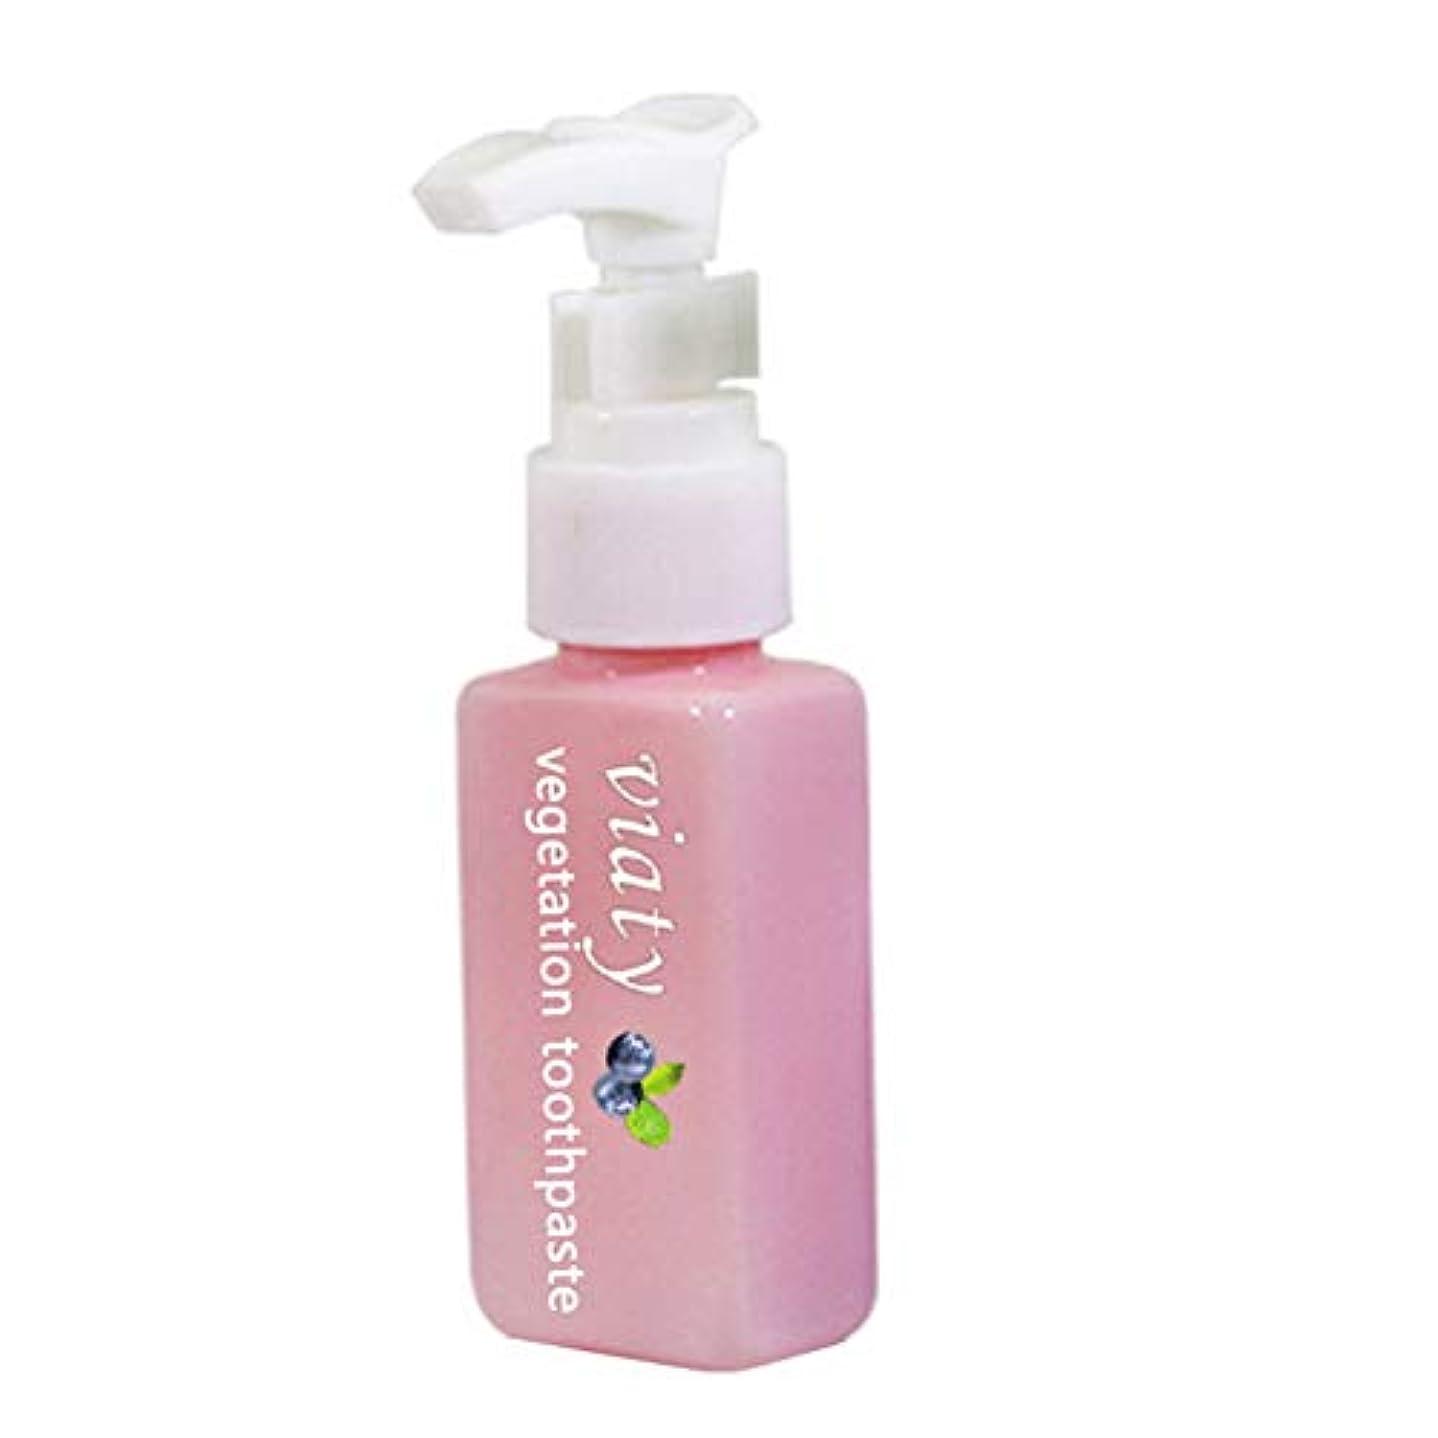 城操る課税Tenflyer歯磨き粉アンチブリードガムプレスタイプ新鮮な歯磨き粉を白くする汚れ除去剤